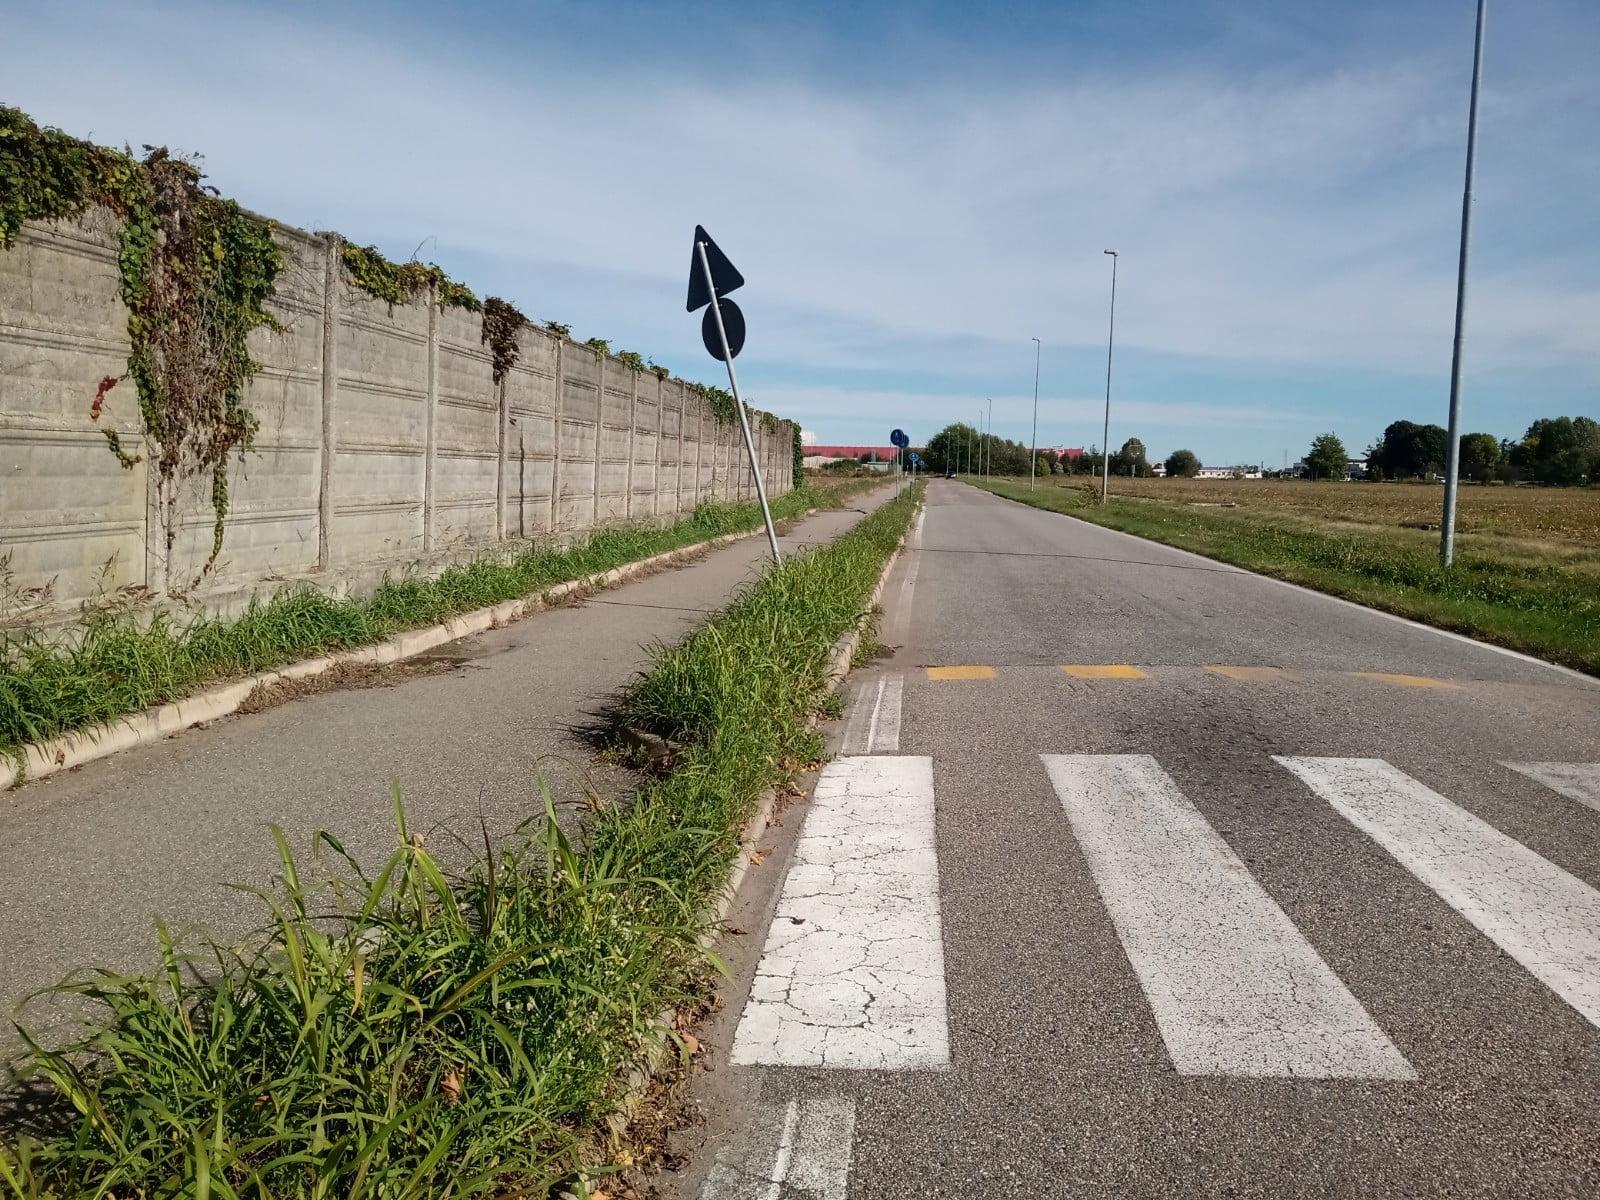 cartelli stradali Milano provincia - Ubriachi abbattono i cartelli stradali nella notte 07/10/2020